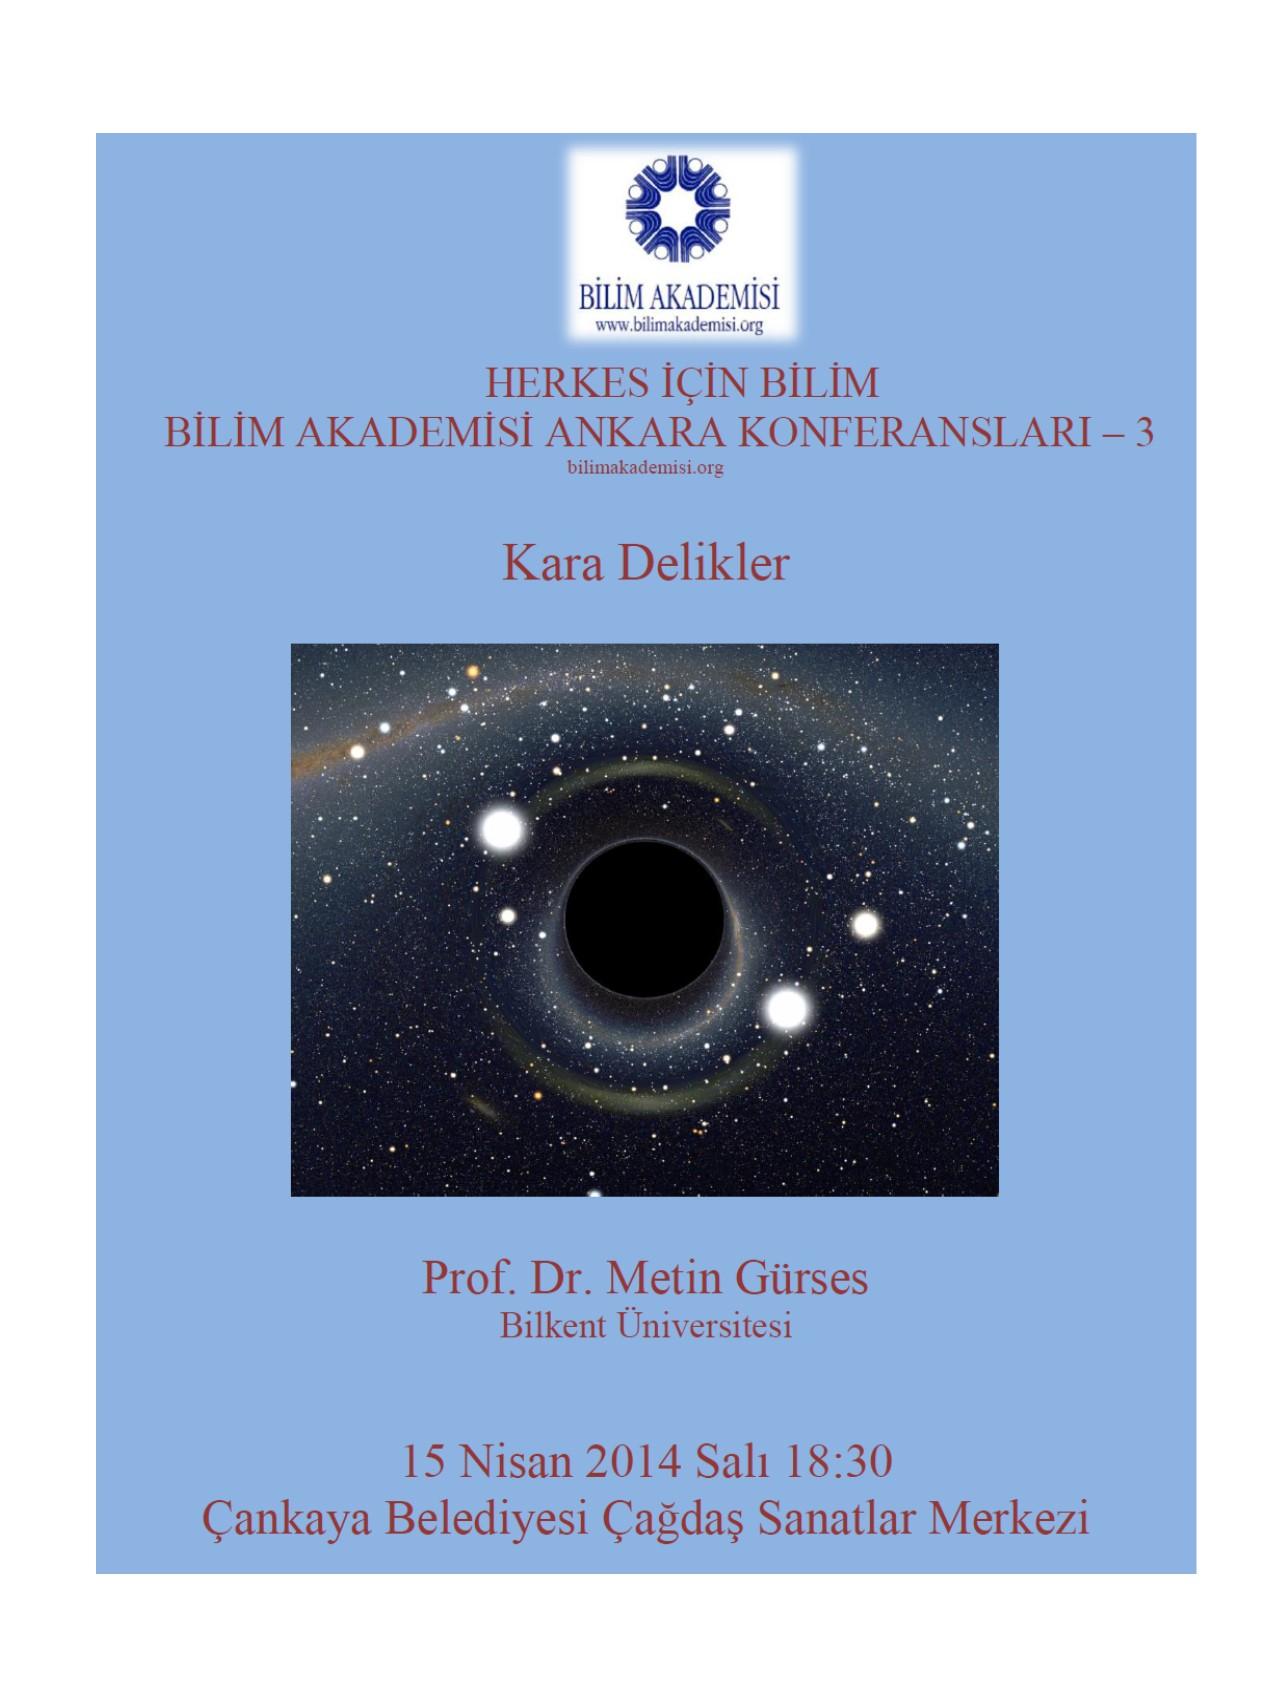 Kara Delikler – Konuşmacılar: Prof. Metin Gürses